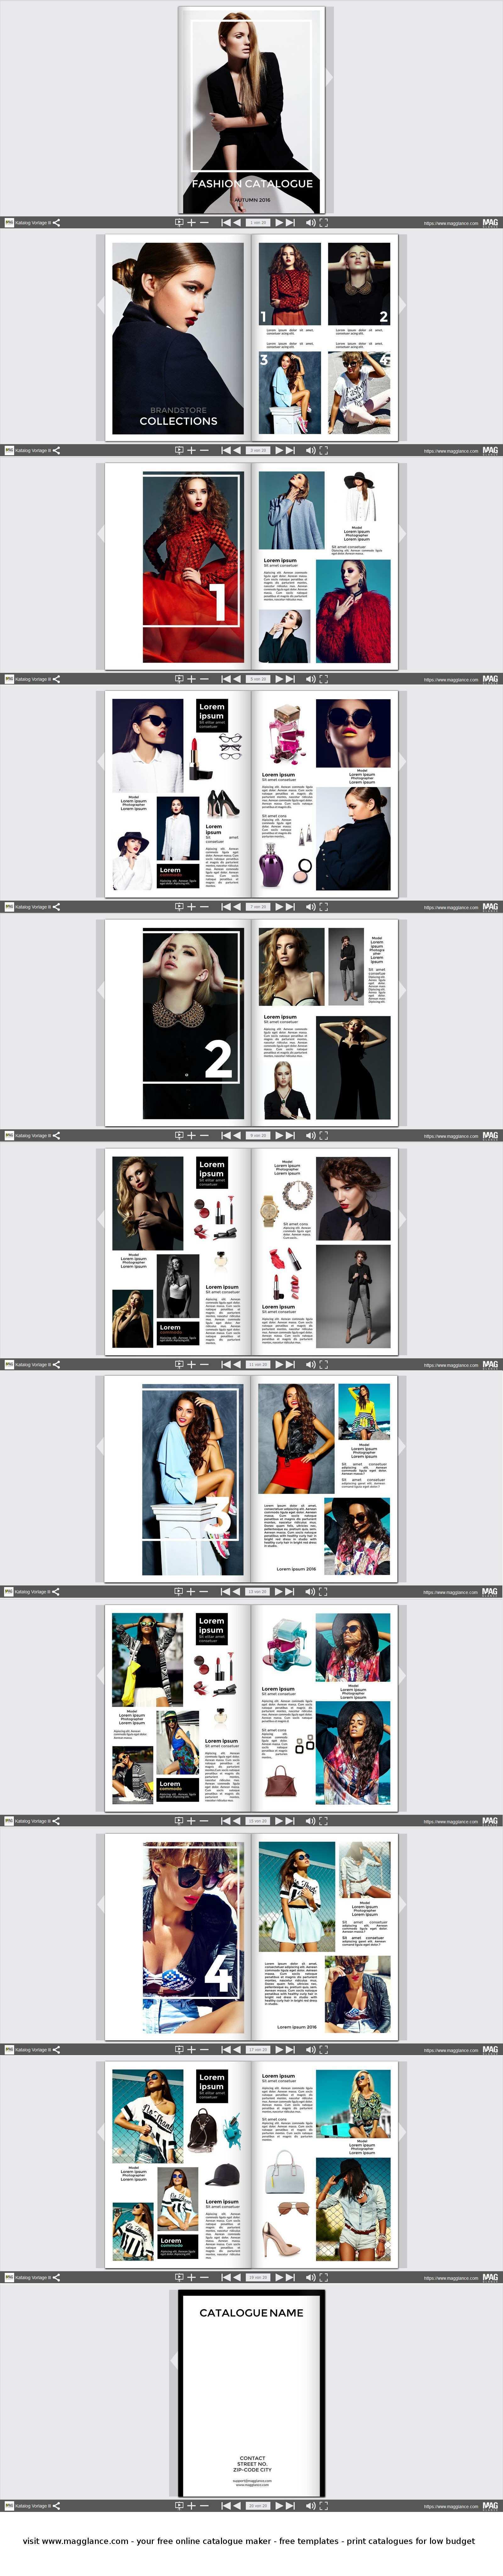 Fashion Katalog Kostenlos Online Erstellen Und Gunstig Drucken Unter Https Www Magglance Com Katalog Kataloge Fashion K Katalog Produktkatalog Bierdeckel